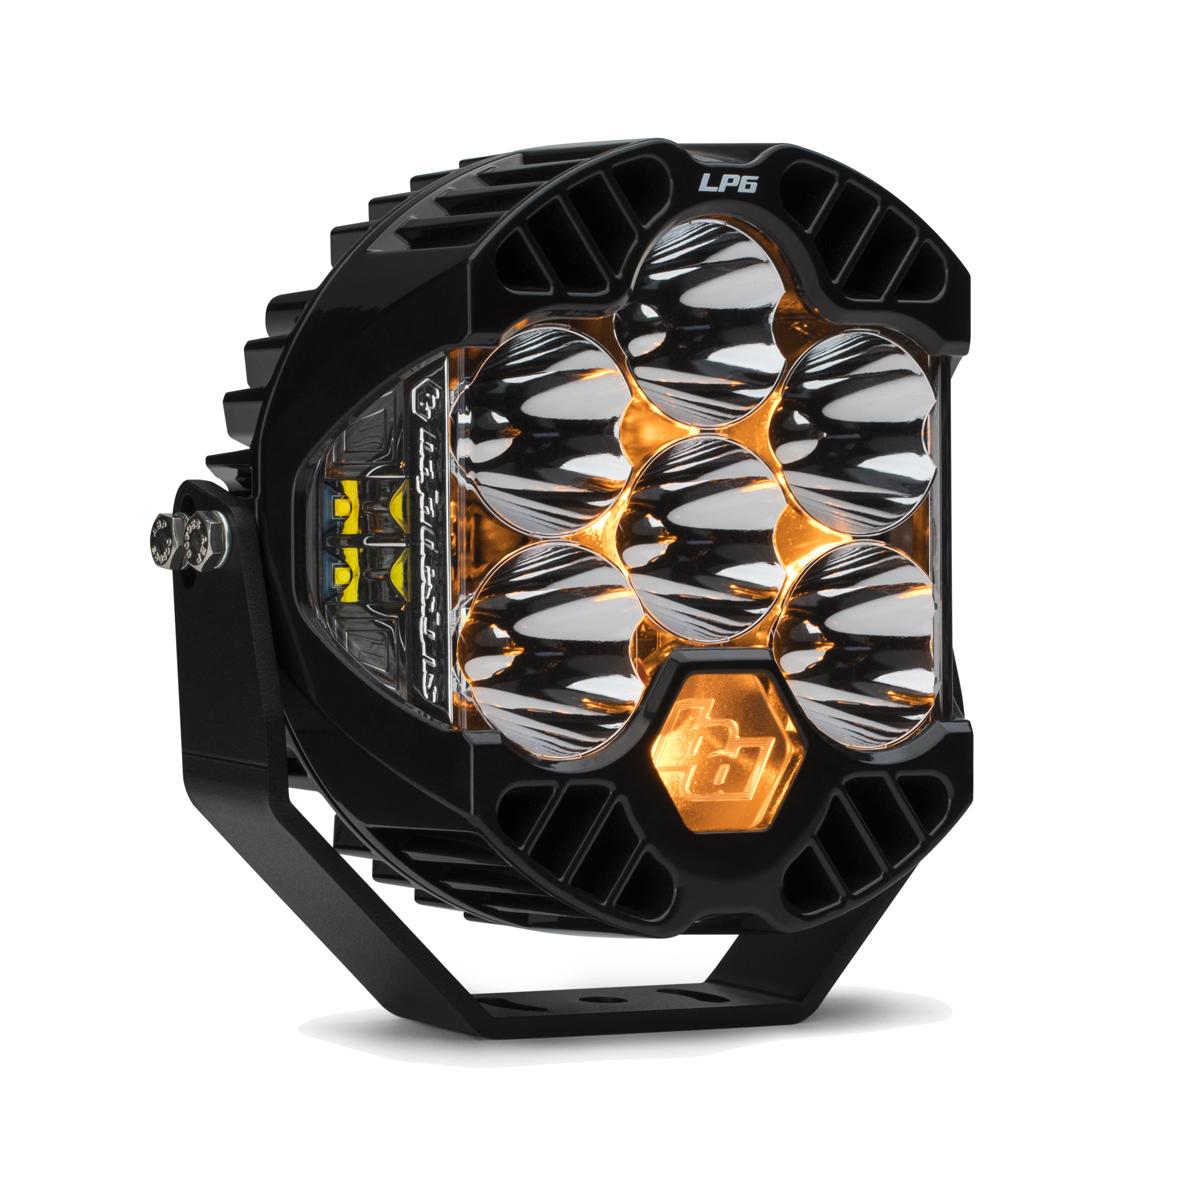 270001 Baja Designs LP6 Pro LED 6 Inch Spot Each Black